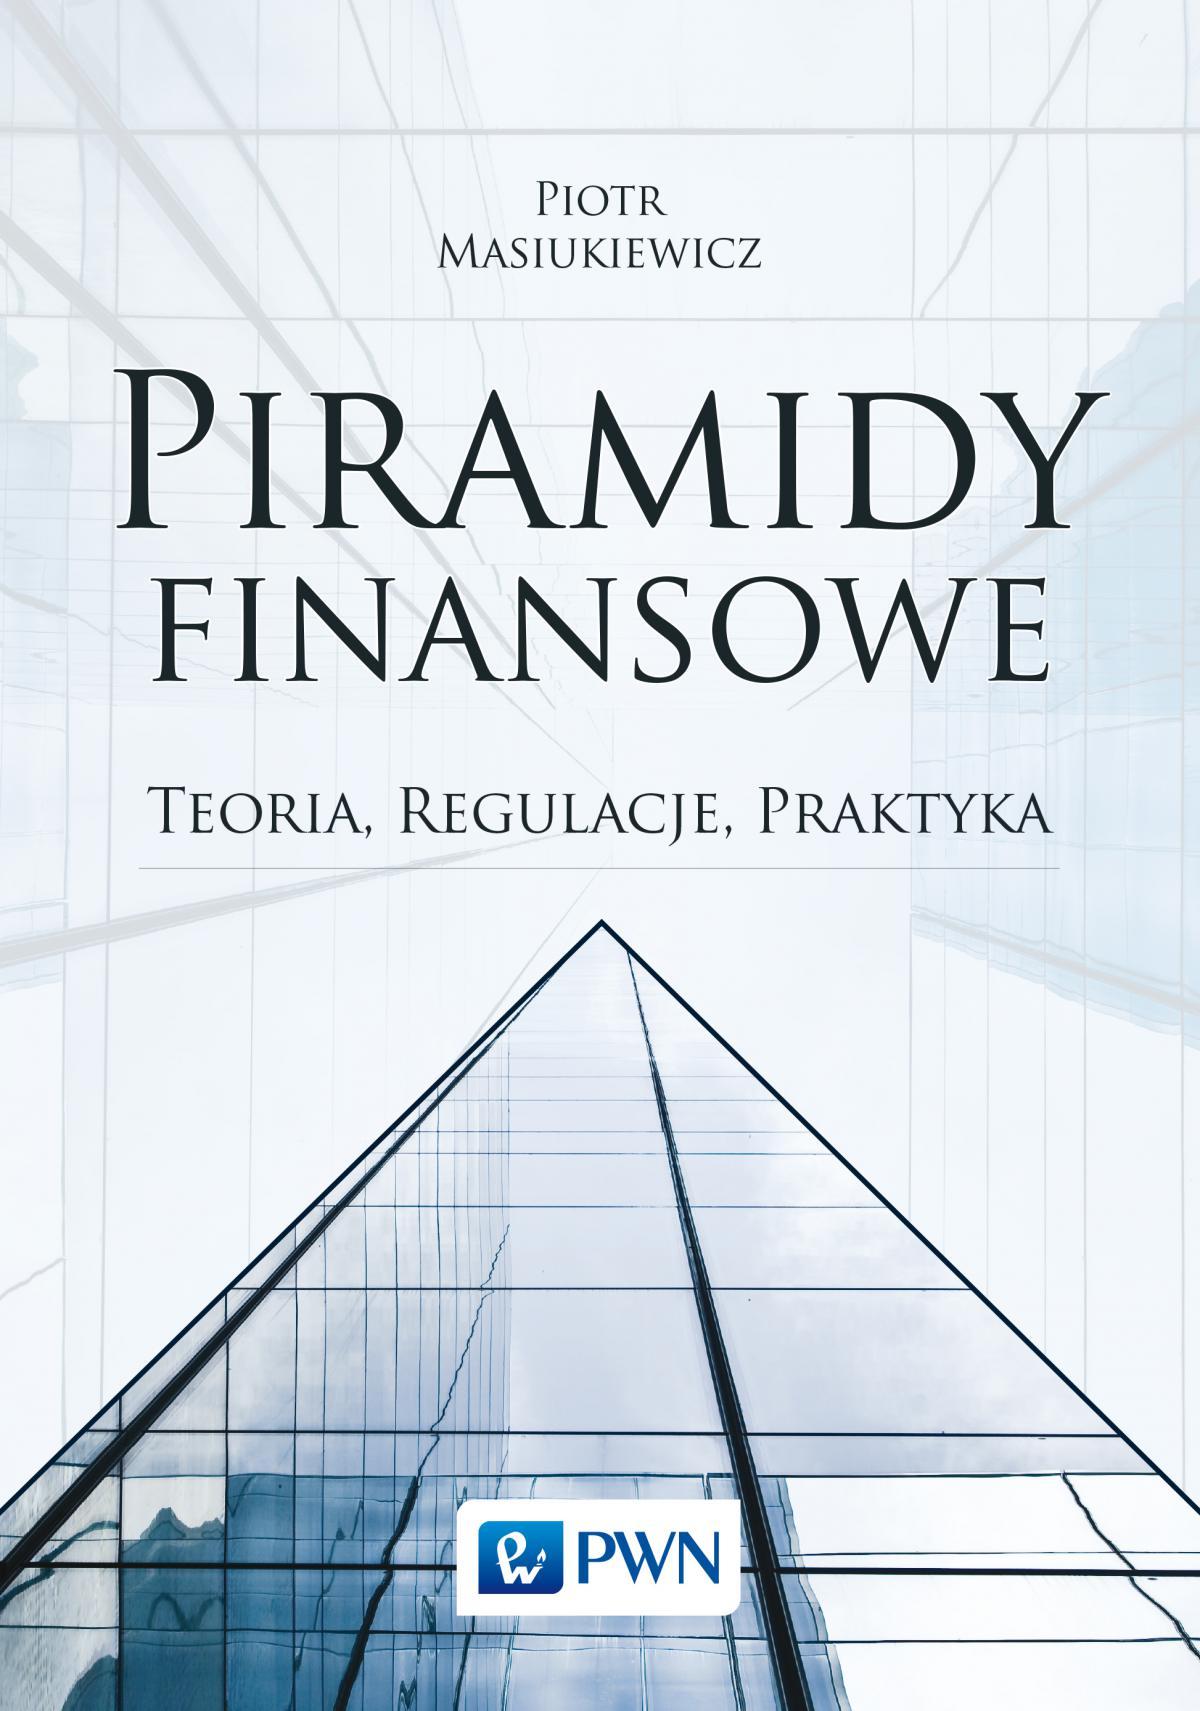 Piramidy finansowe - Ebook (Książka EPUB) do pobrania w formacie EPUB